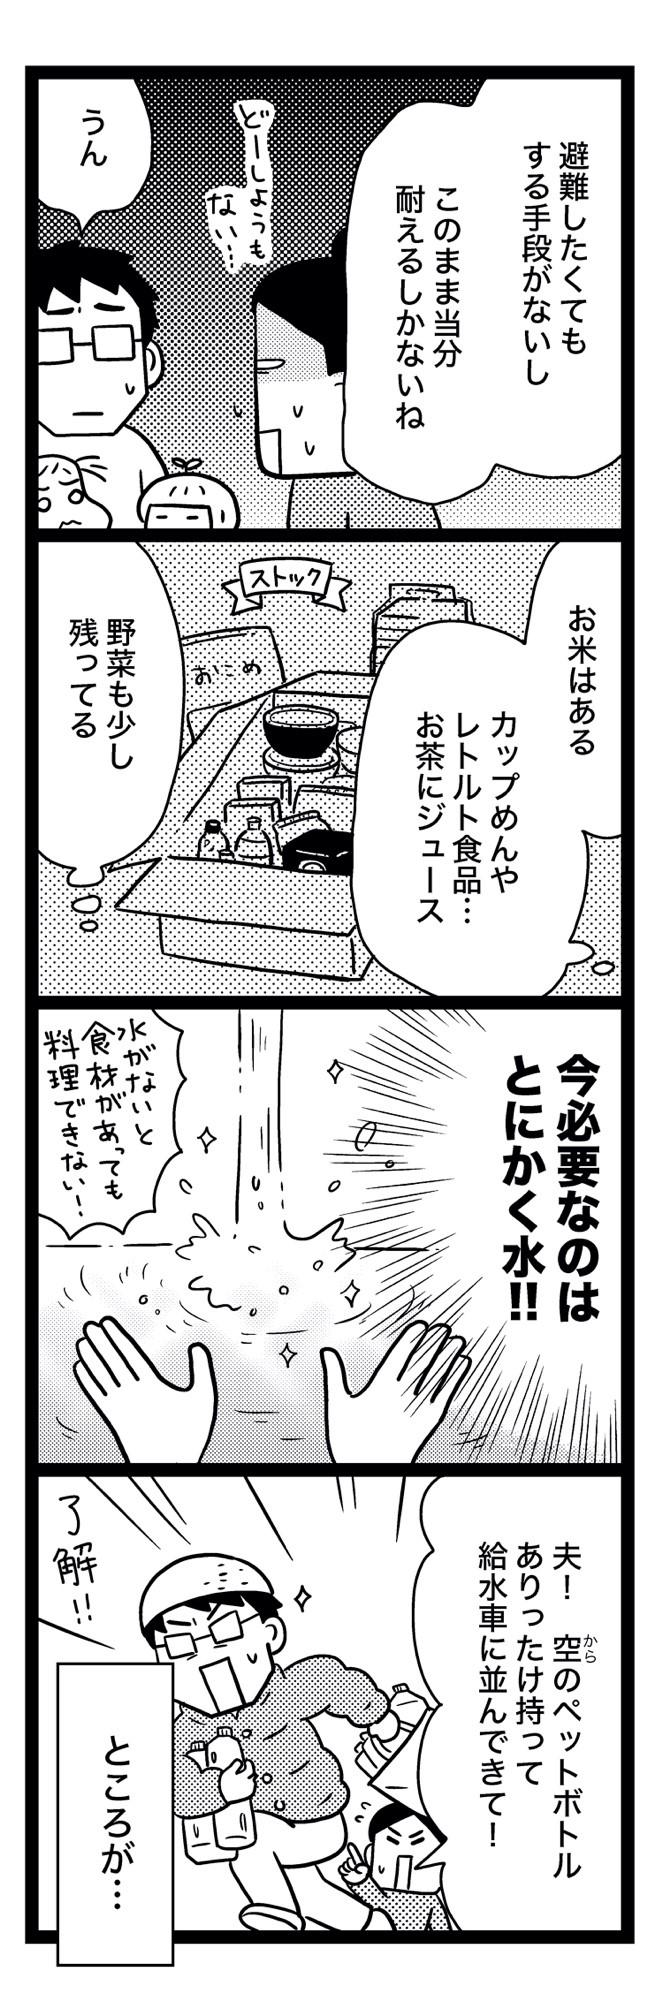 sinsai3-1